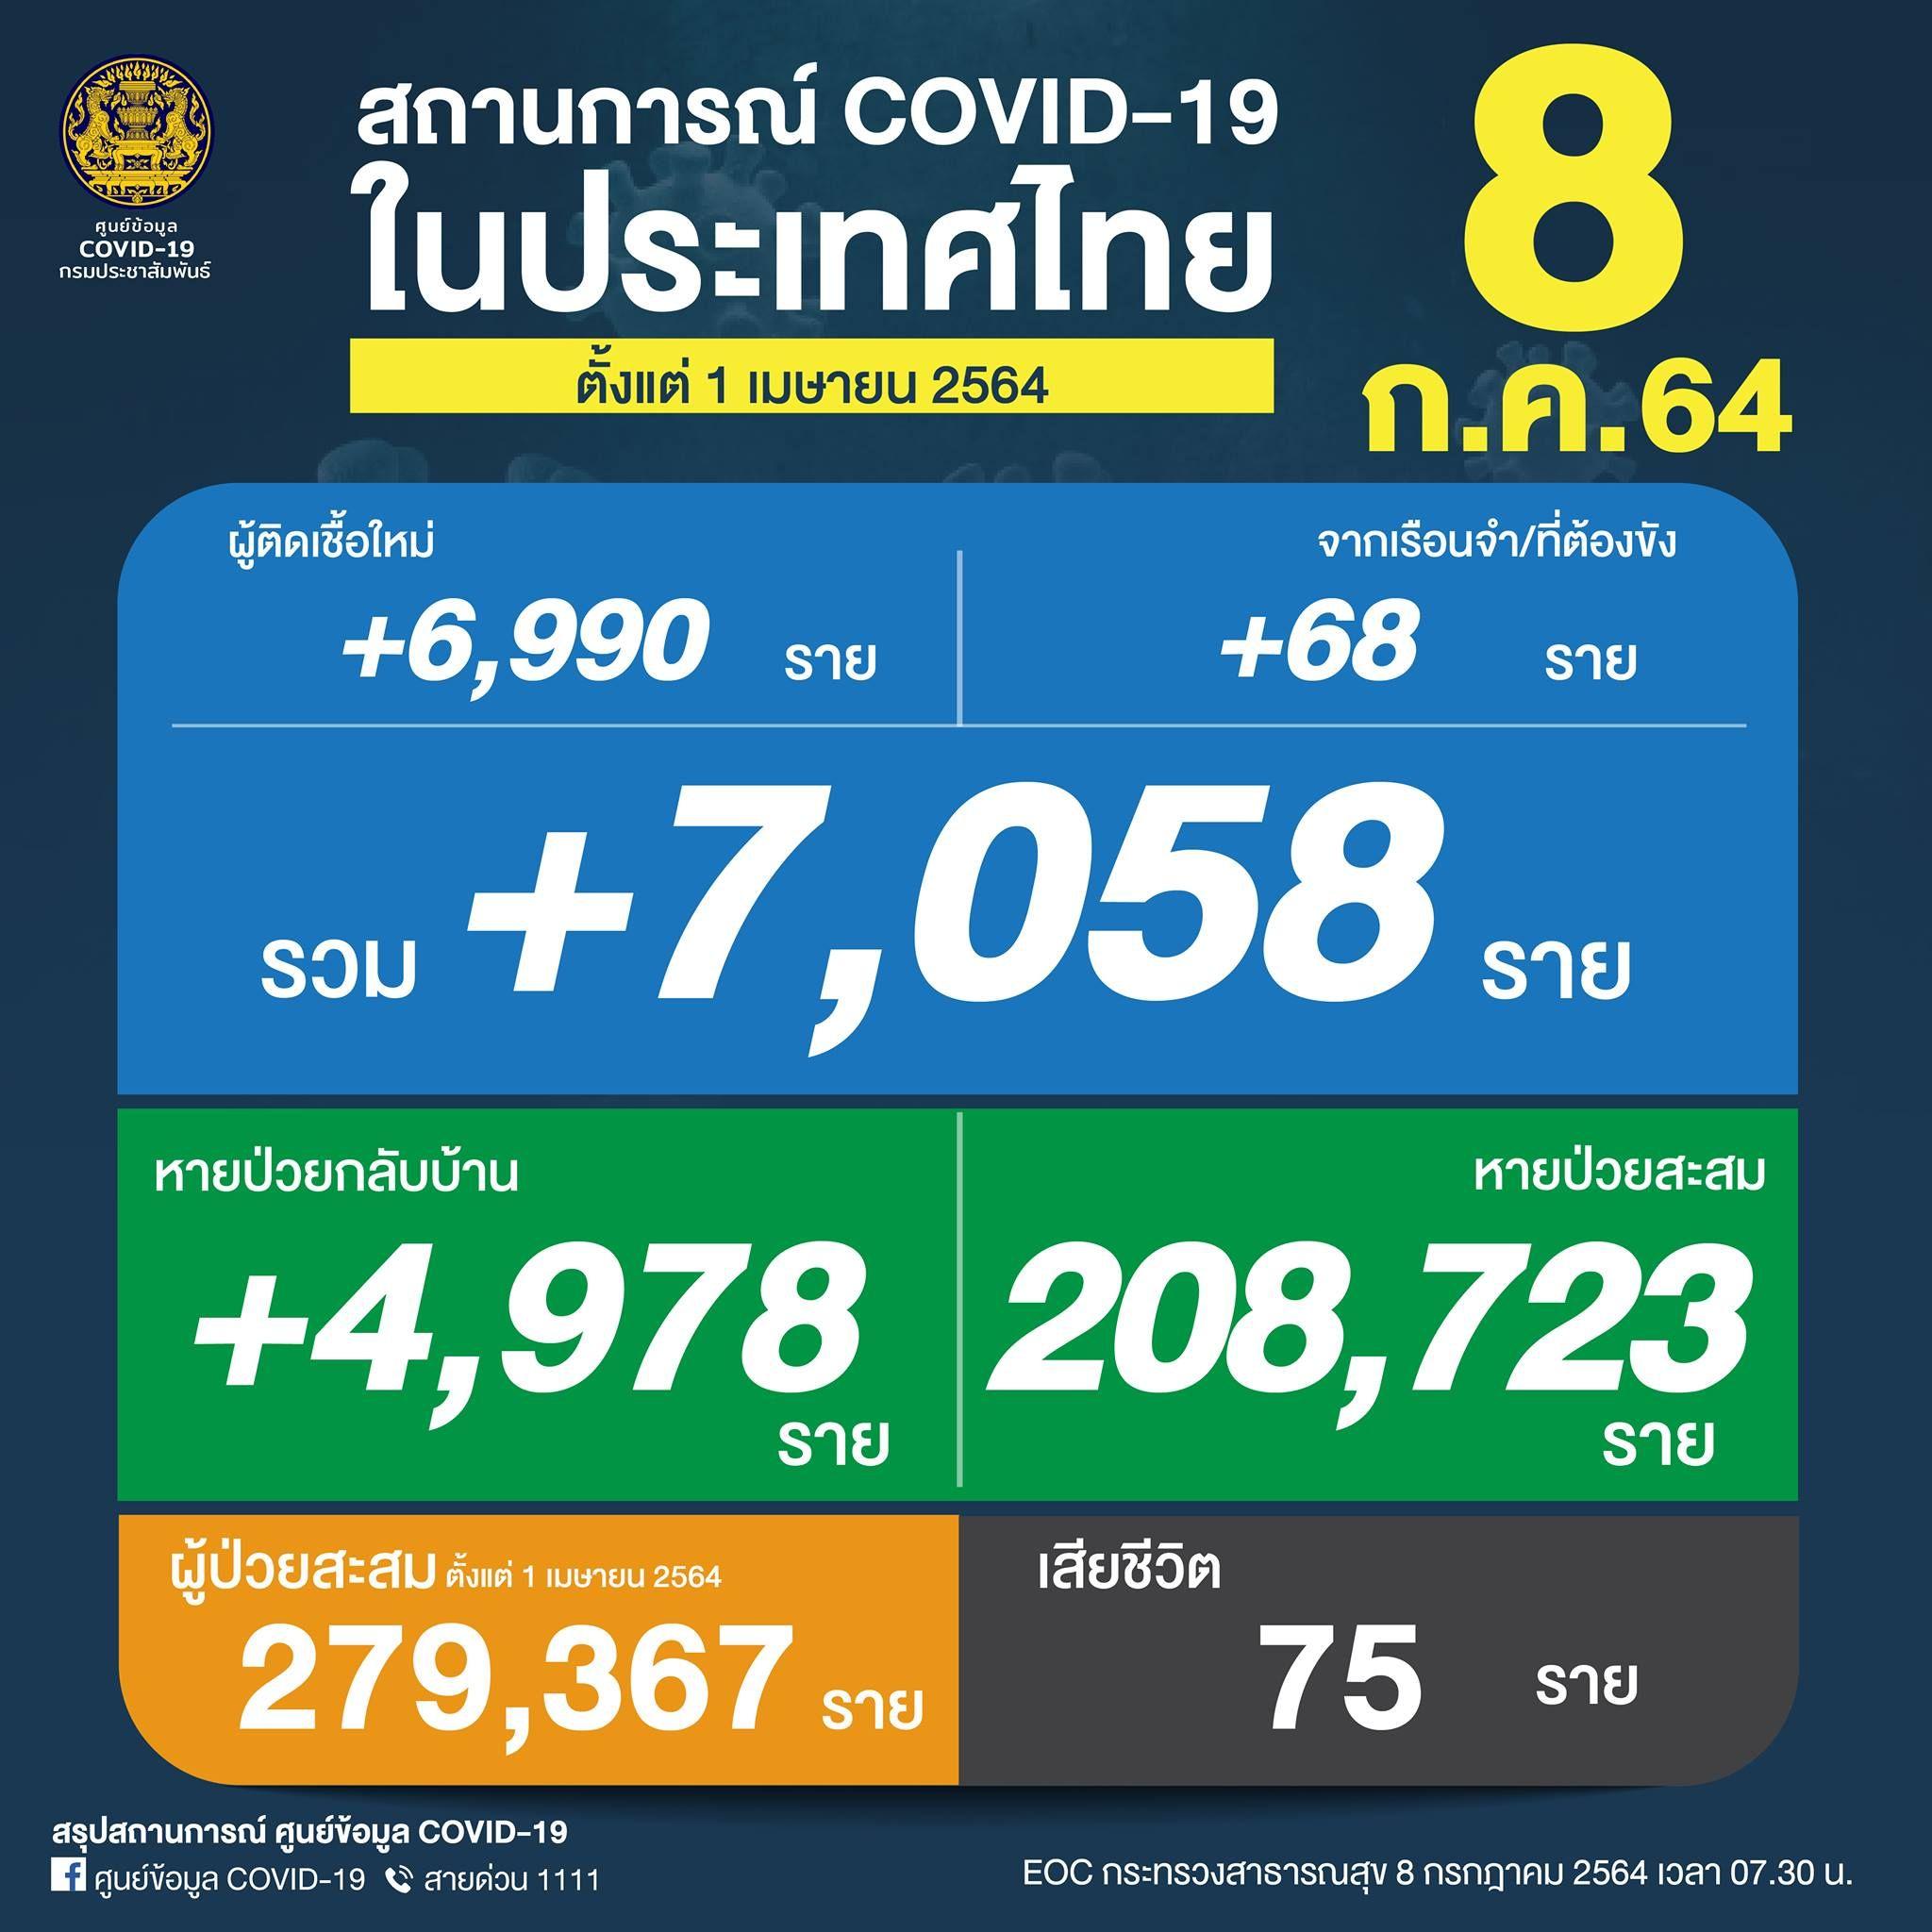 ยอด 'โควิด-19' วันนี้ ยิ่งสูง! พบเสียชีวิตถึง 75 ราย ติดเชื้อเพิ่ม 7,058 ราย